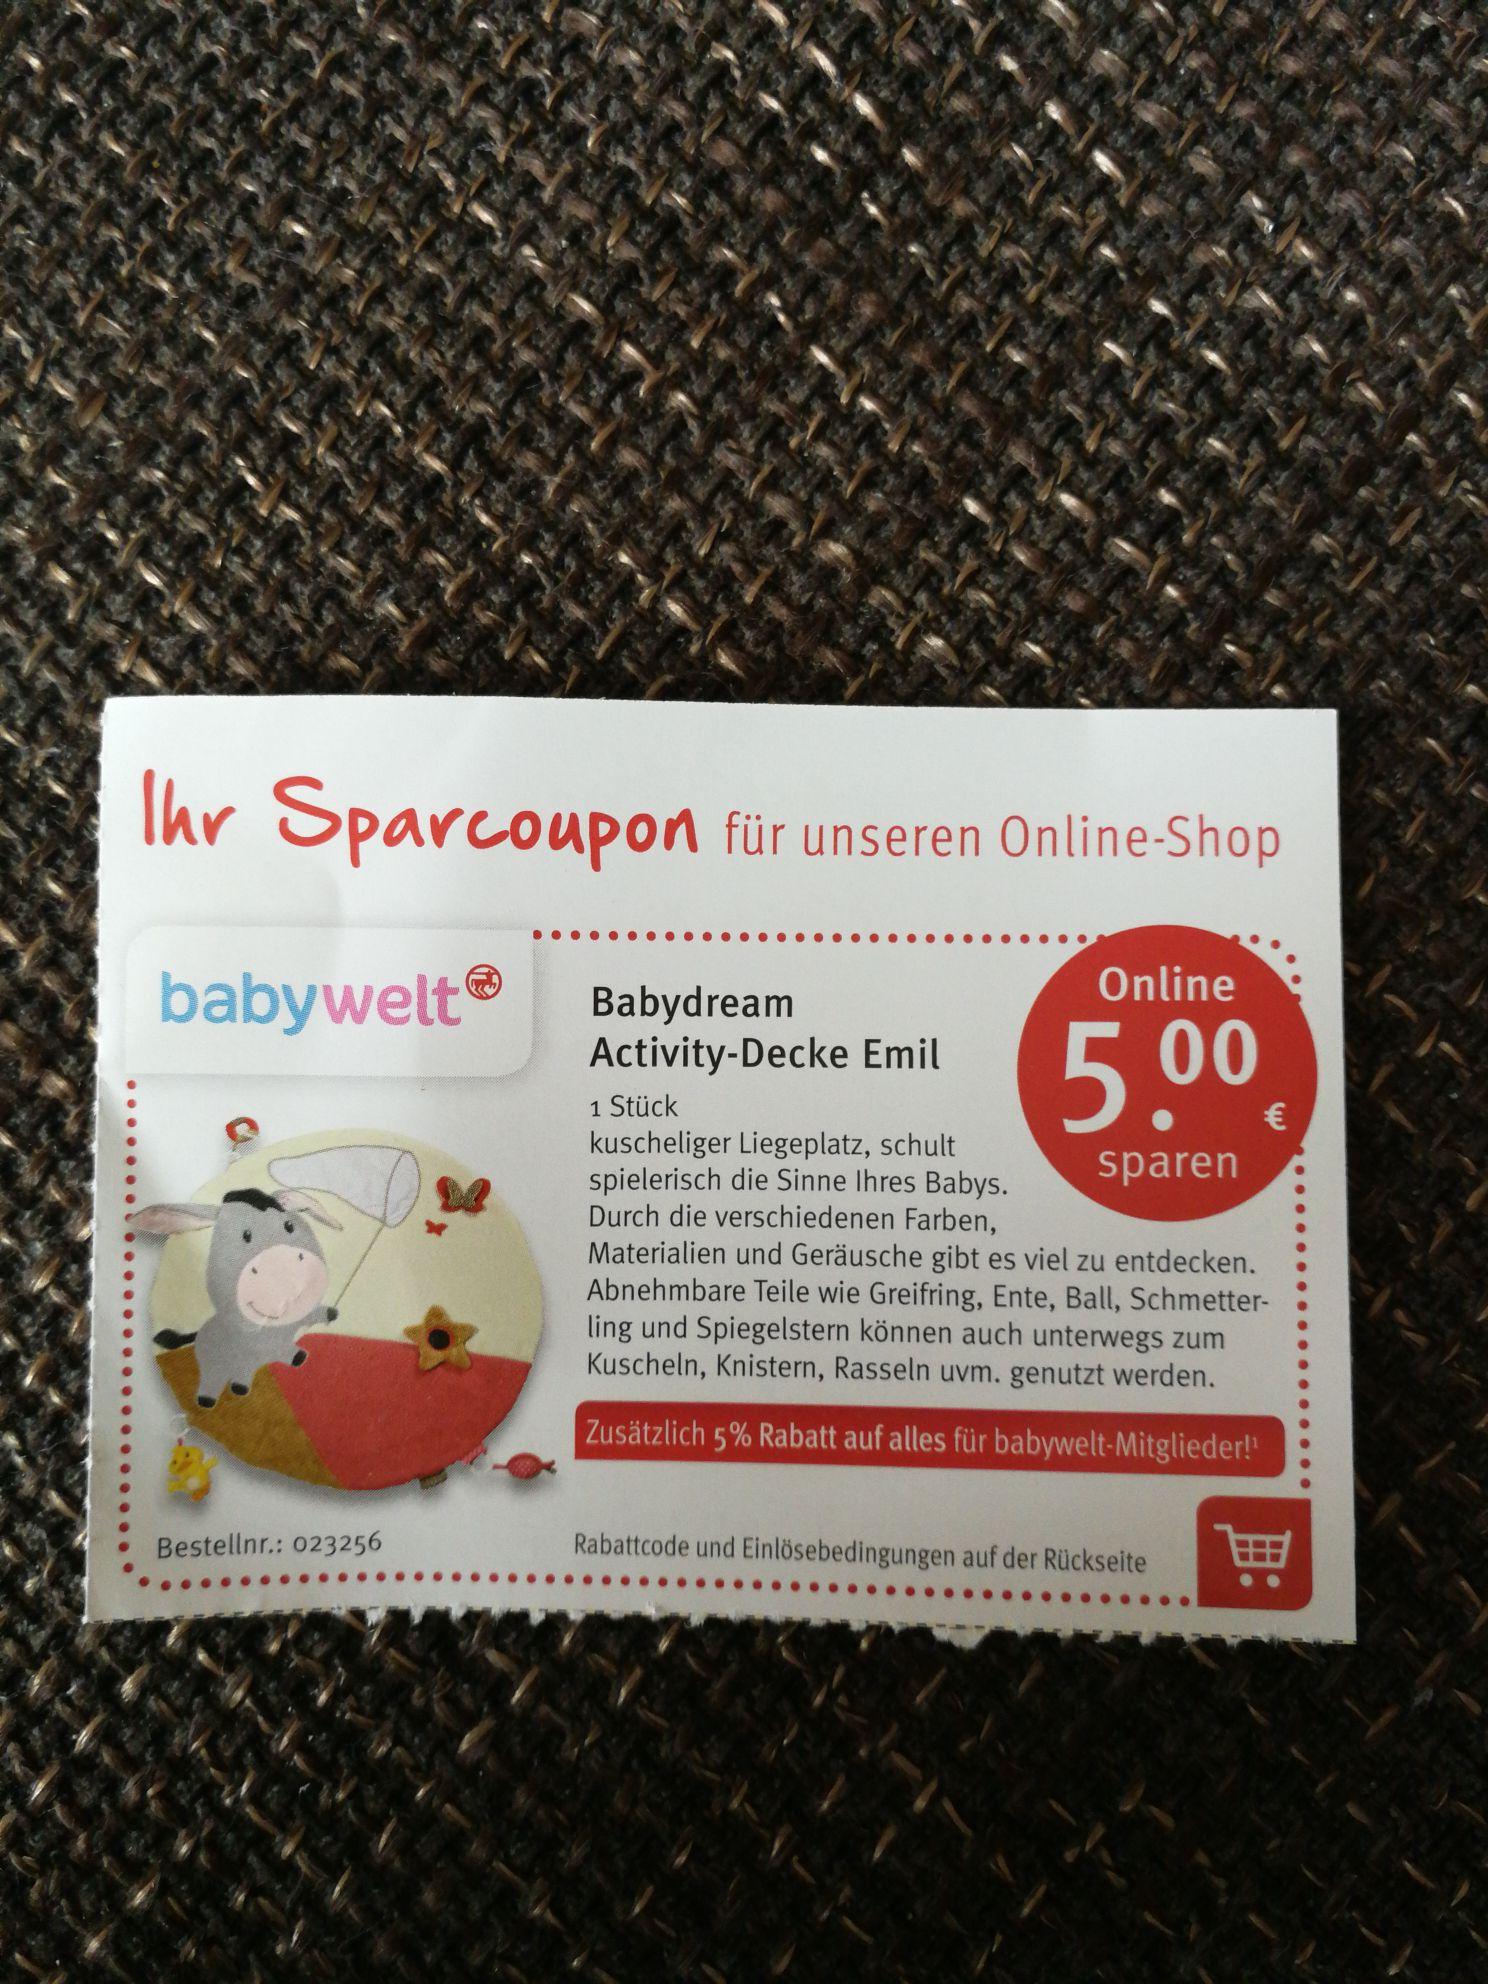 [Rossmann] 5 Euro (+ nochmal 5% Rabatt für babywelt Mitglieder) Spar-Coupon Babydream Activity-Decke Emil